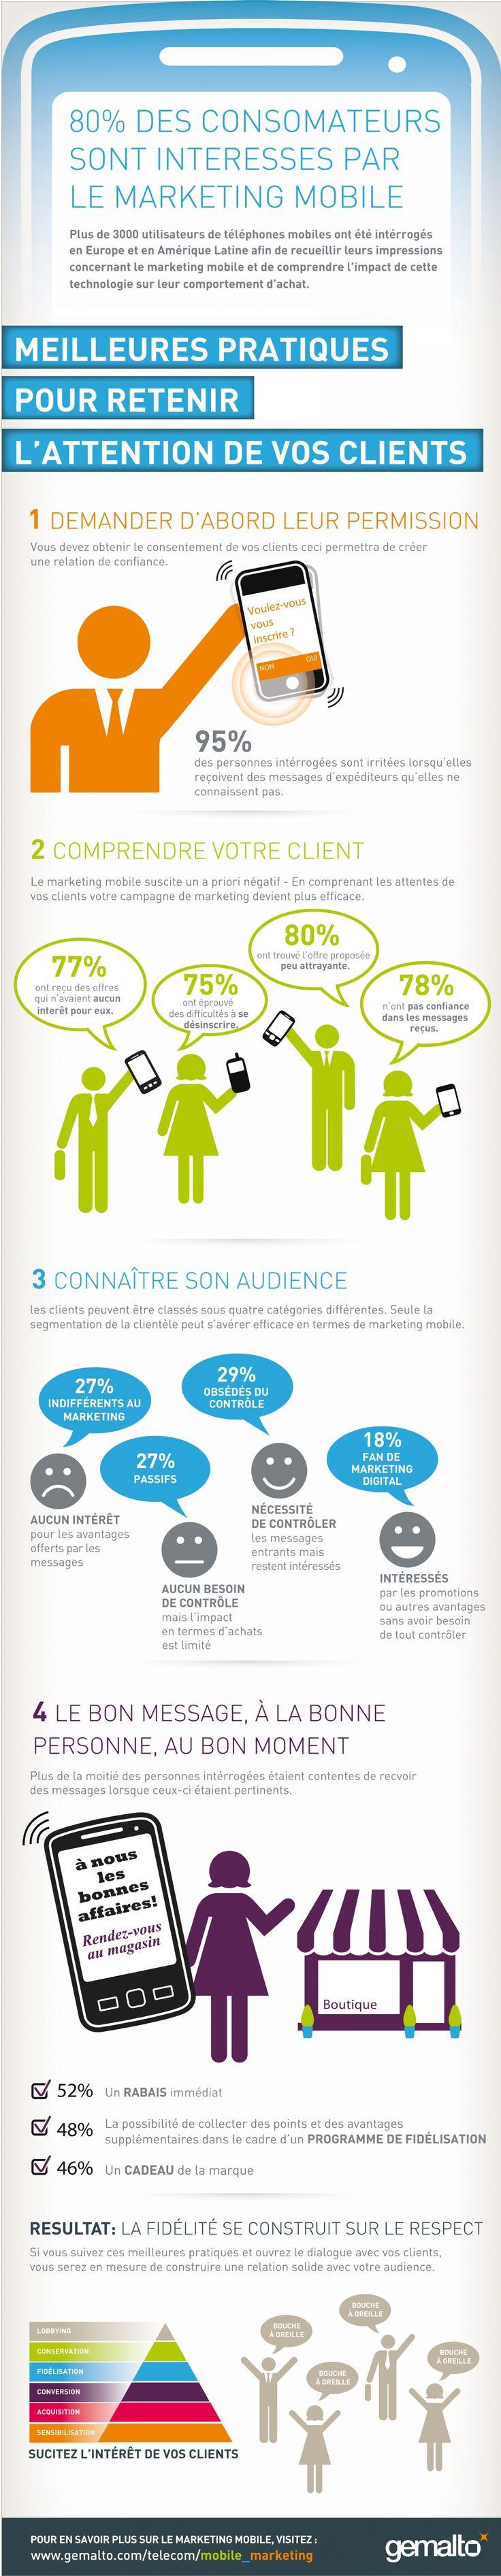 Les bonnes pratiques du marketing mobile